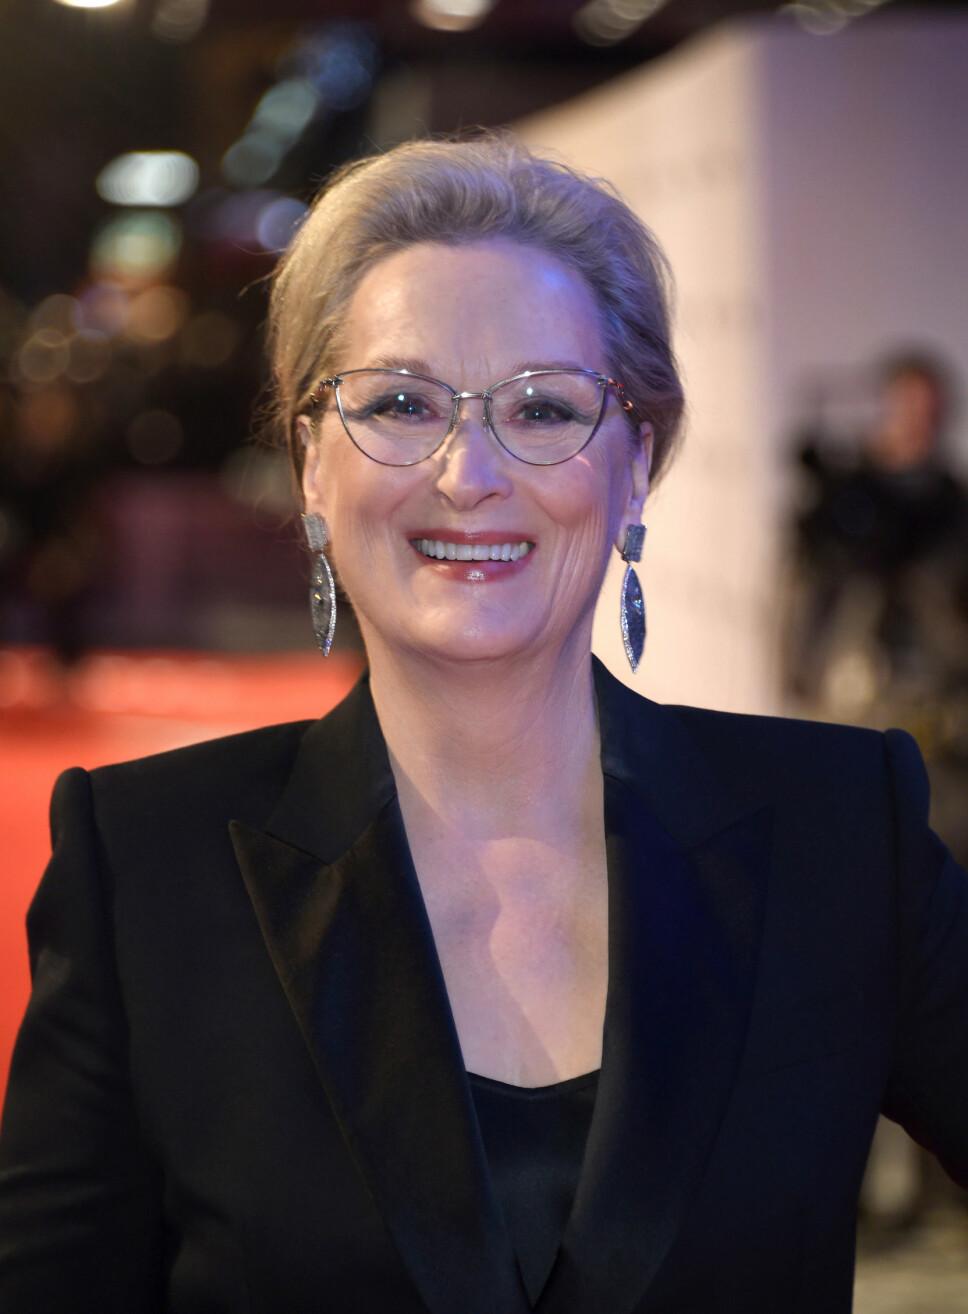 KRITISK: Filmstjernen misliker fokuset på utseende i Hollywood, og har selv opplevd å bli kalt stygg.